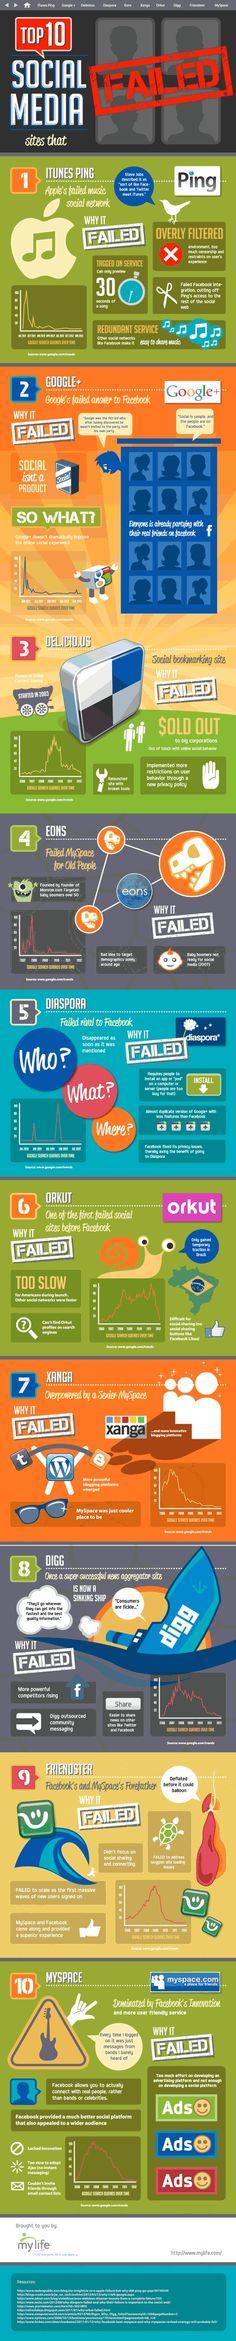 failed social media sites